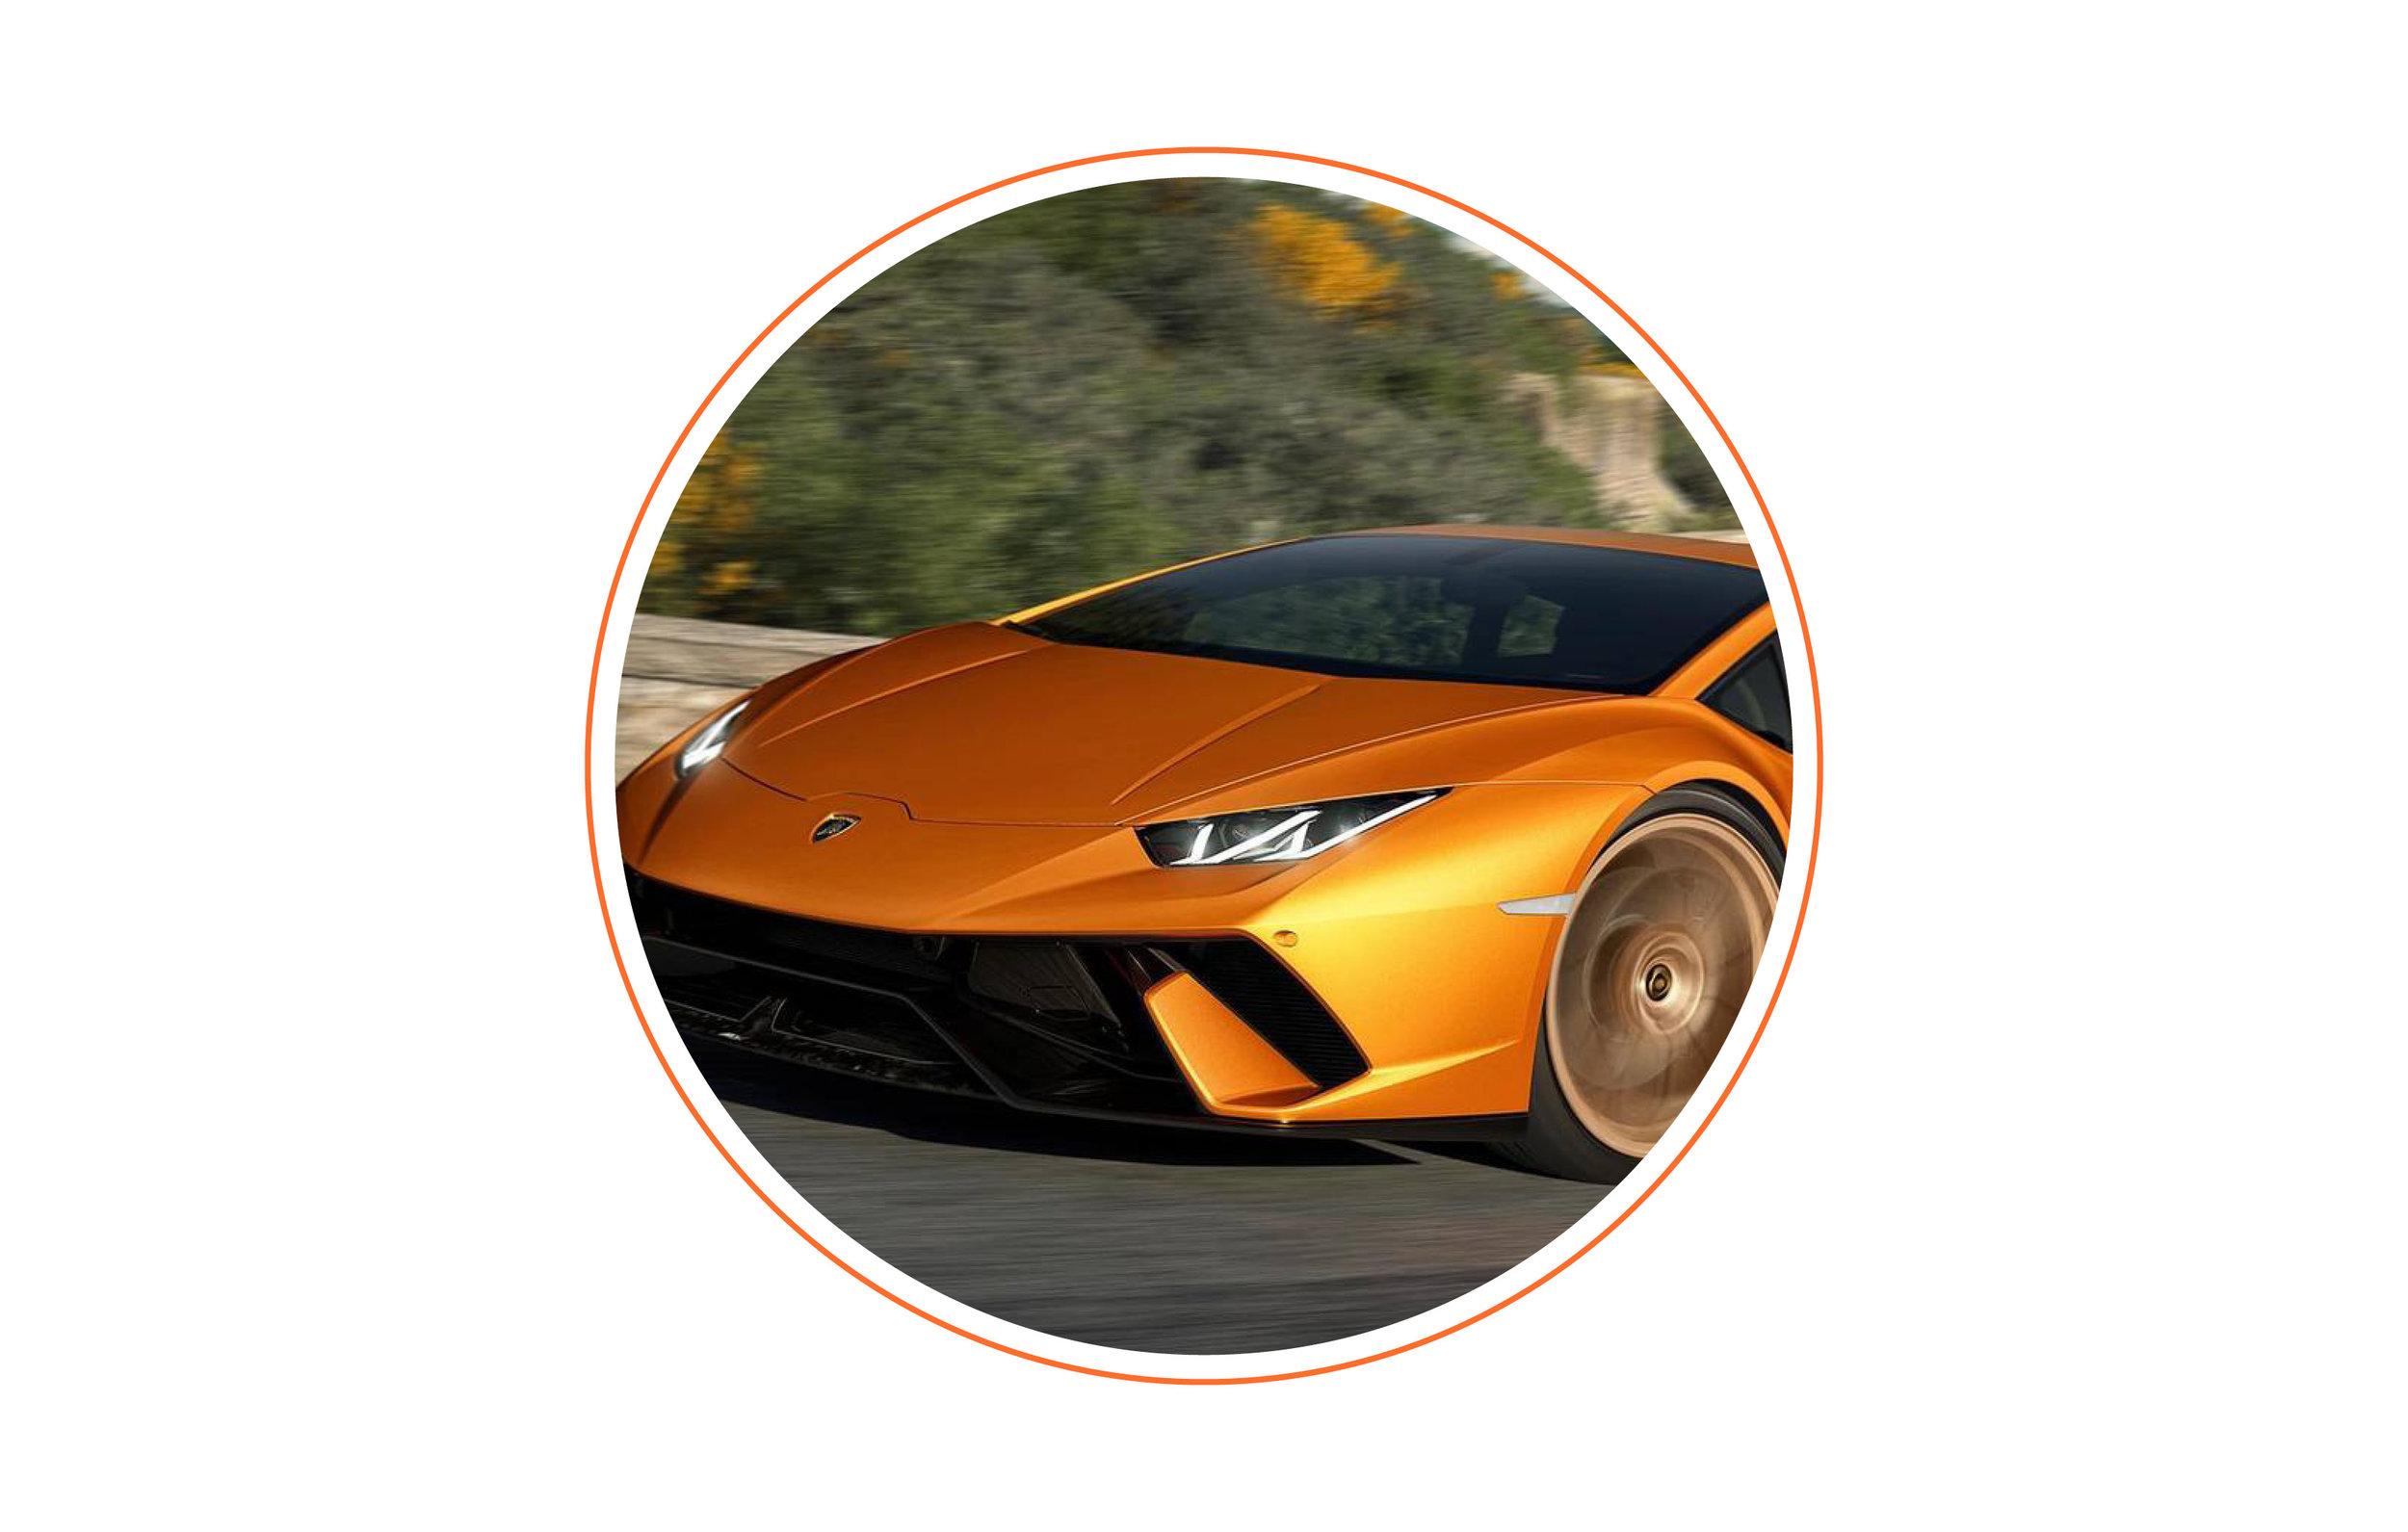 Little known fact? - I love cars. (My dream car is a Lamborghini Huracan)